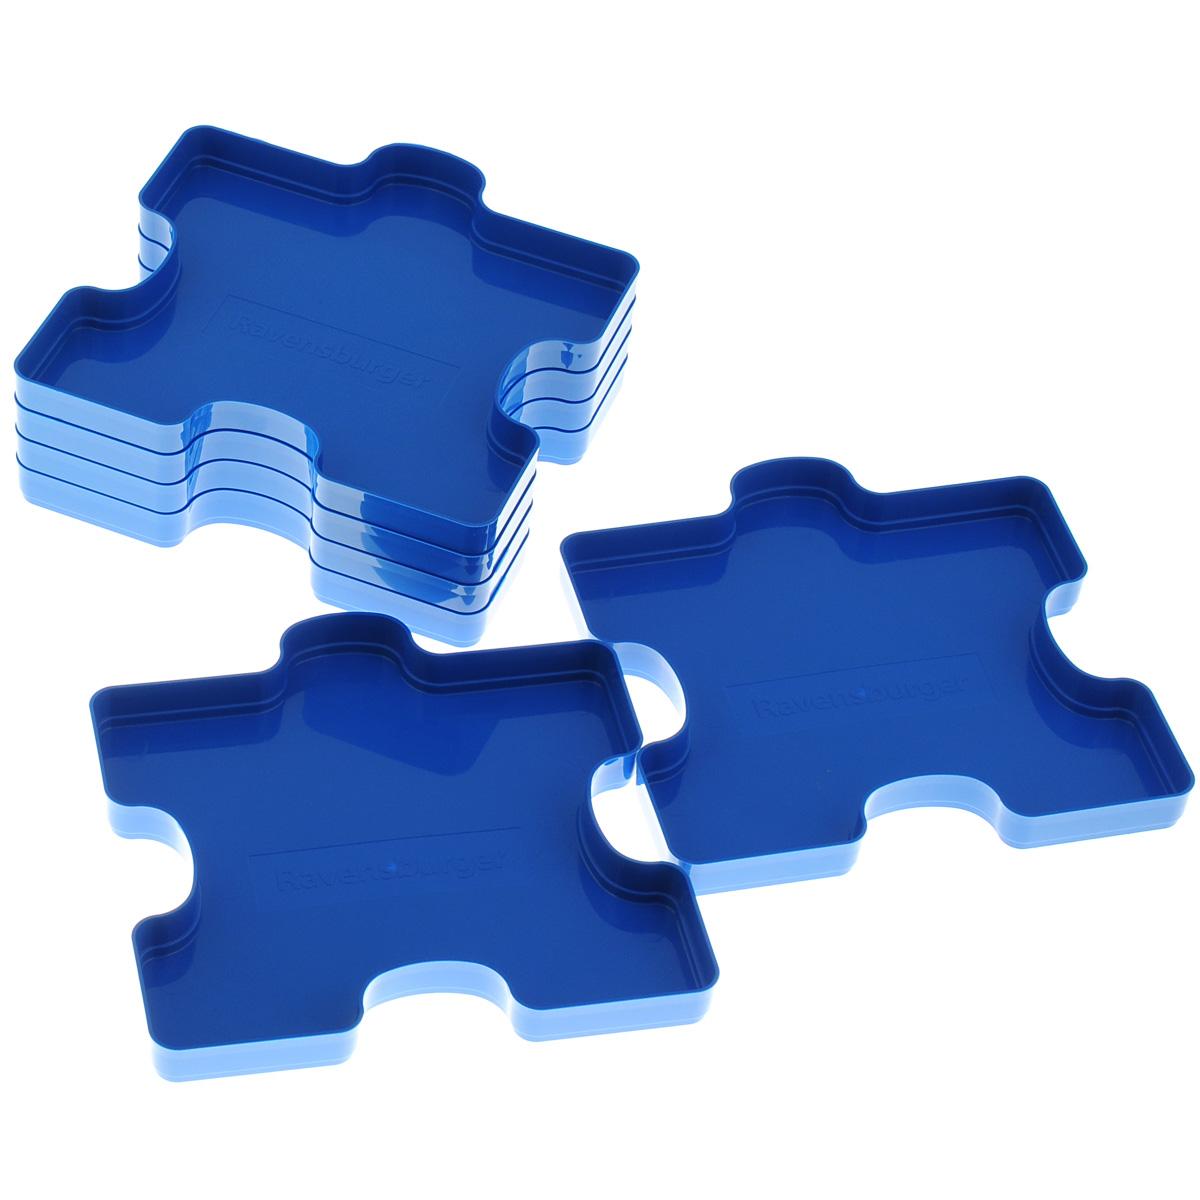 Ravensburger Сортировщик пазлов, 6 шт17934Сортировщик пазлов Ravensburger предназначен для сортировки и хранения элементов пазла. Комплект включает 6 лотков в форме элементов пазла, выполненных из прочного пластика и вмещающих от 300 до 1000 элементов.